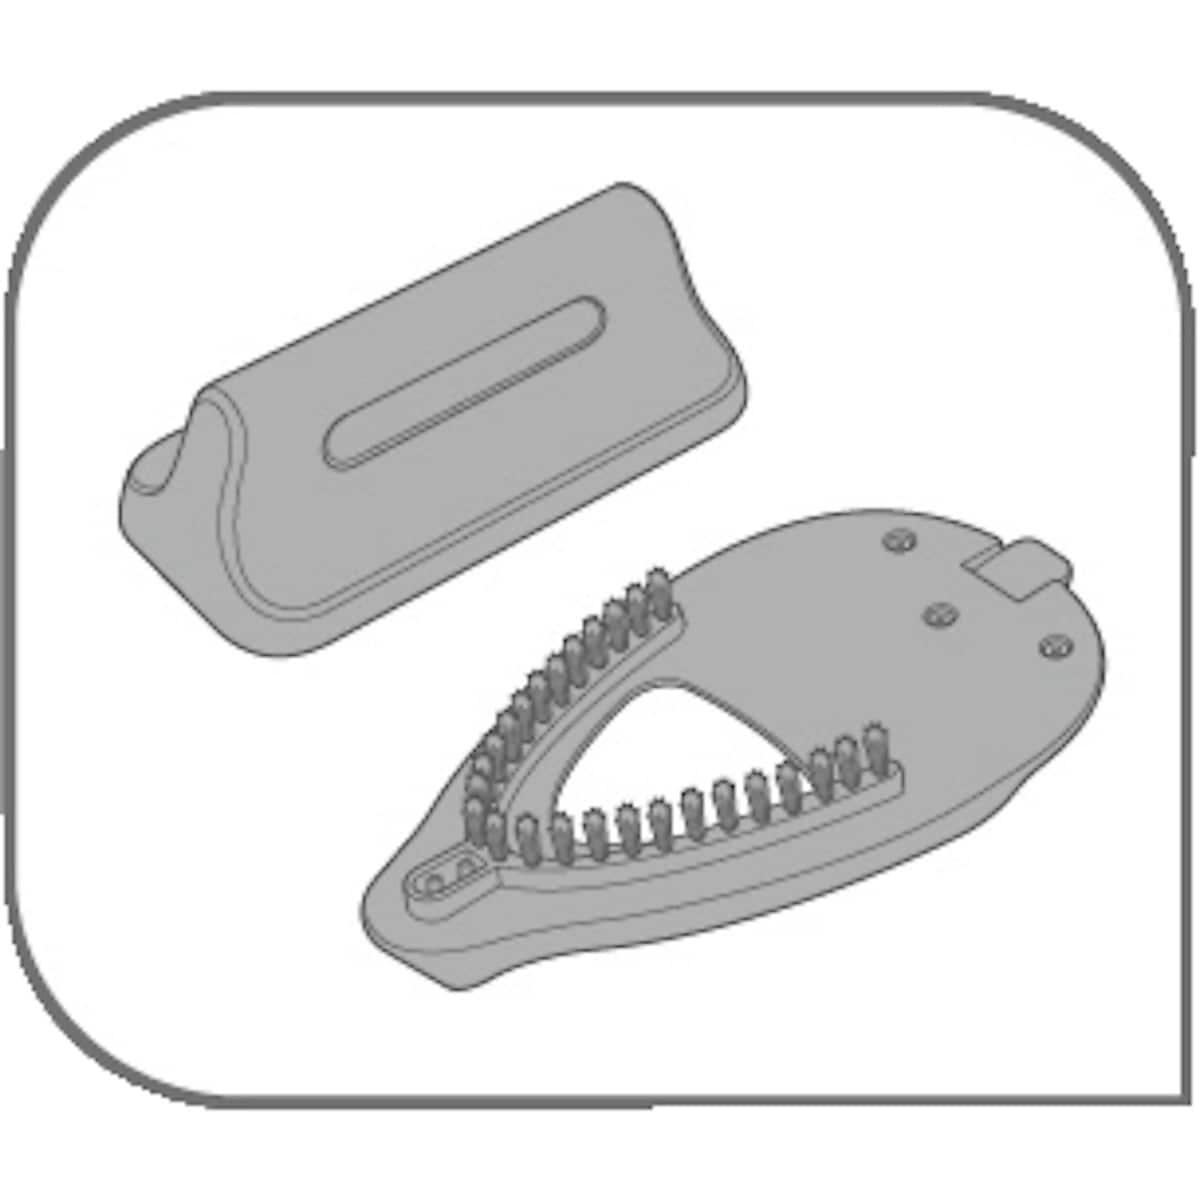 Tefal Tweeny Nano Steamer, DV9001E0